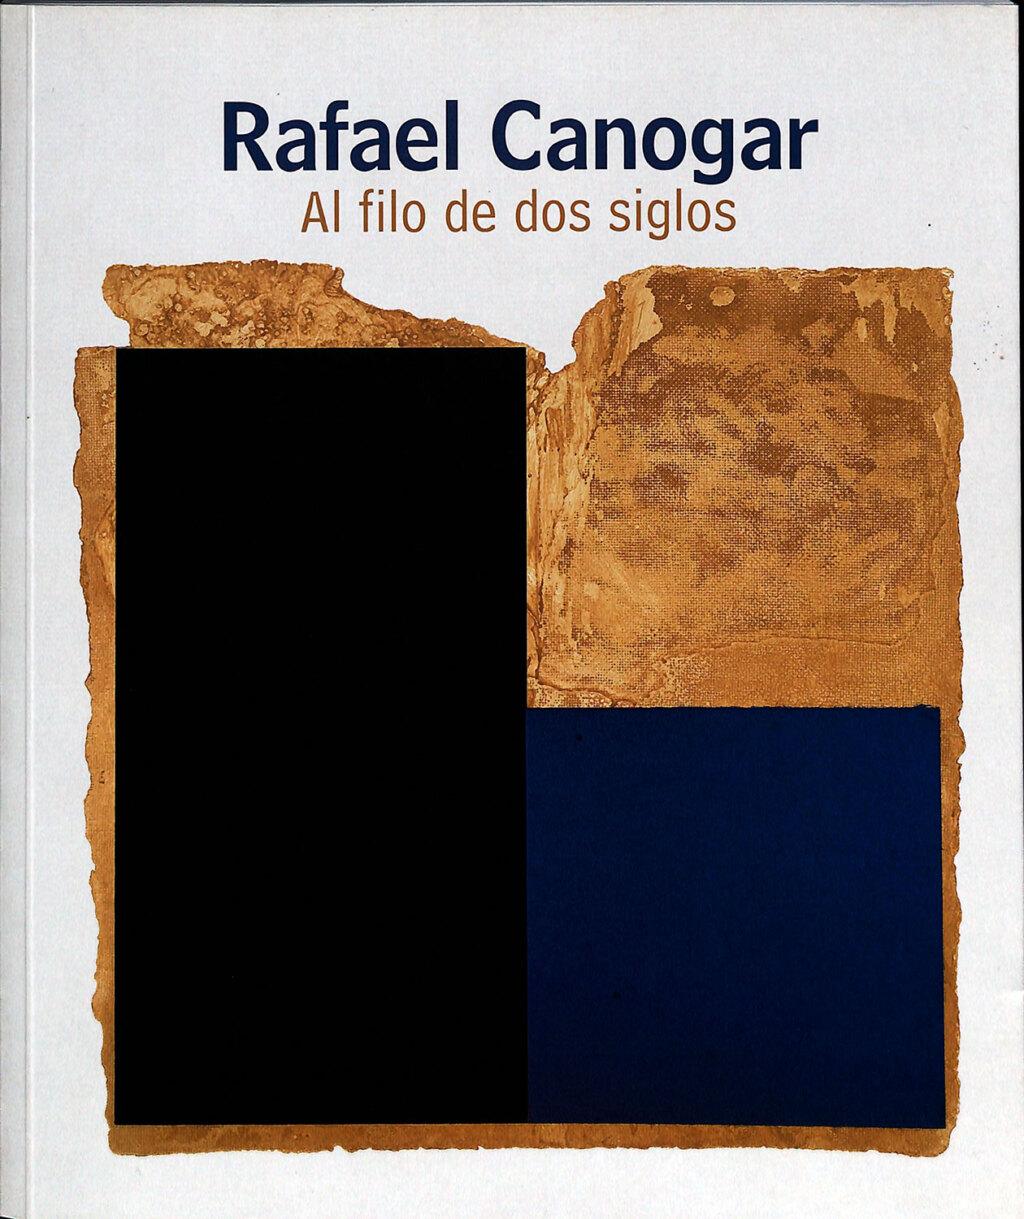 Portada del libro catalogo Rafael Canogar al filo de dos siglos